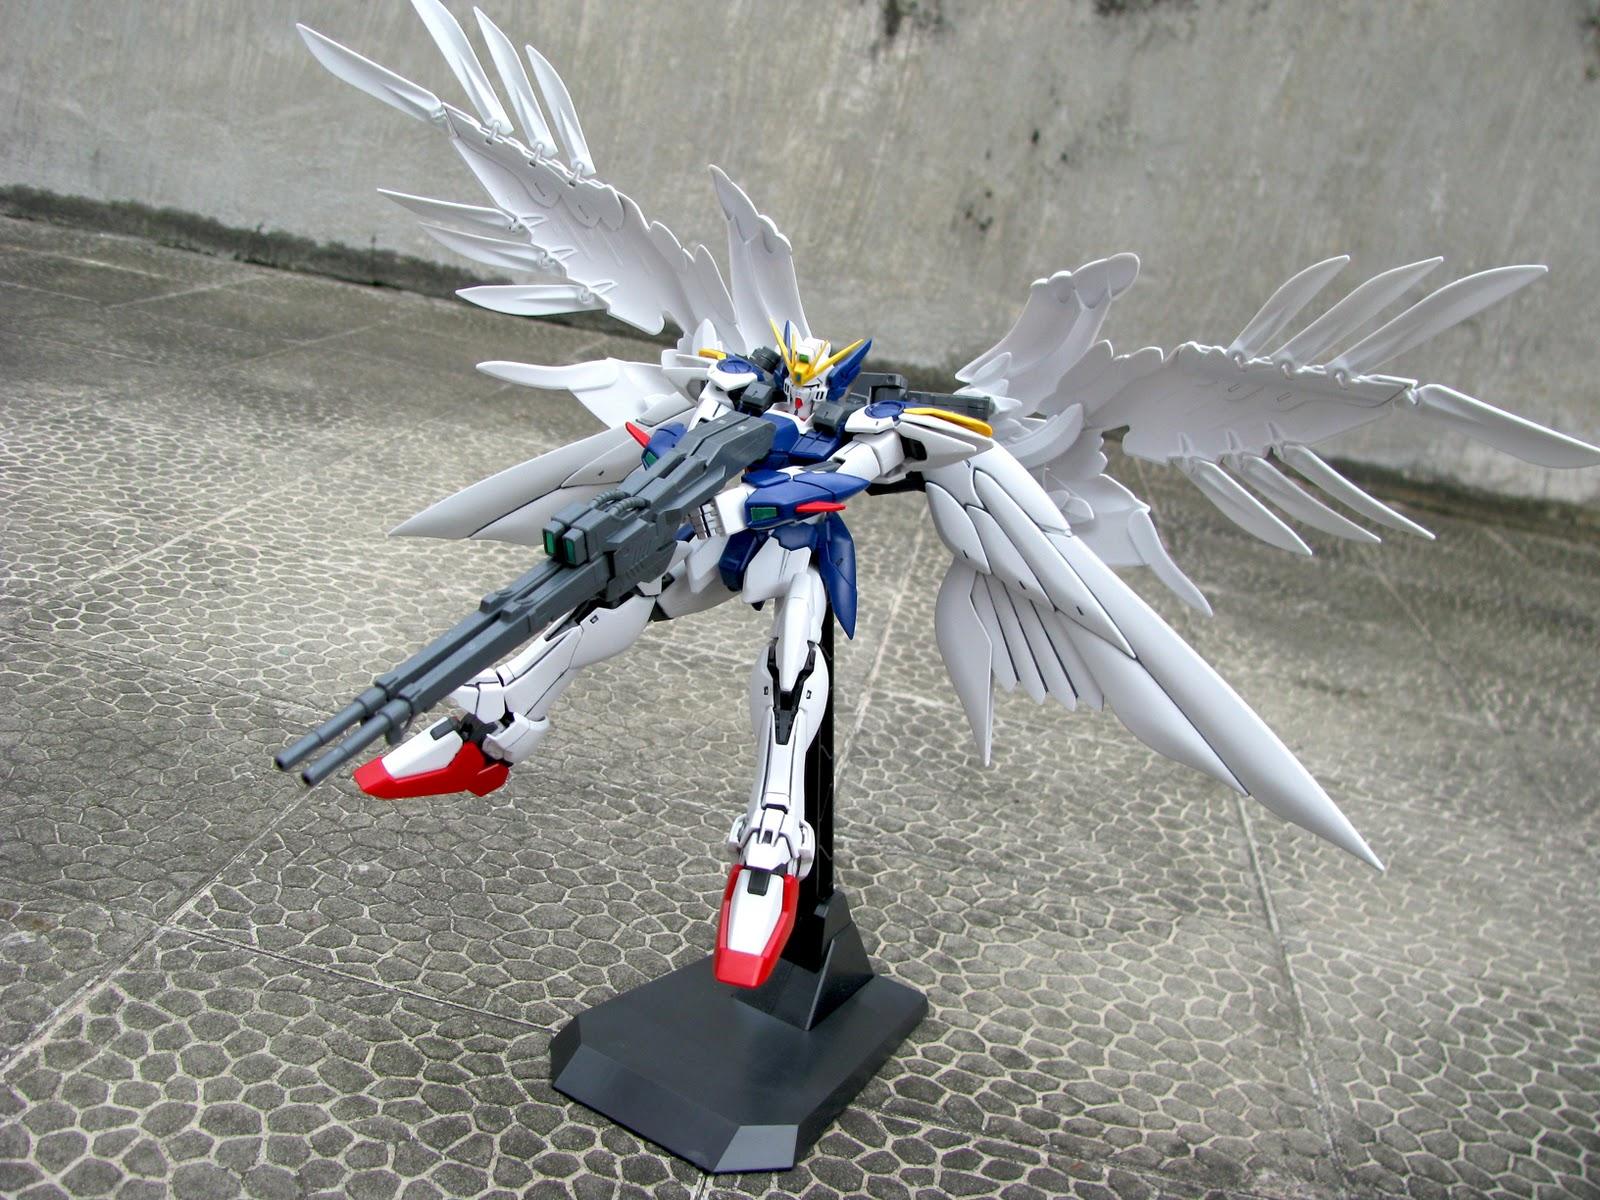 http://2.bp.blogspot.com/_uASAFkk0M5U/TOAhI1re0jI/AAAAAAAAAYc/yGMKCEoyDqM/s1600/MG+Wing+Zero+Custom+02.jpg